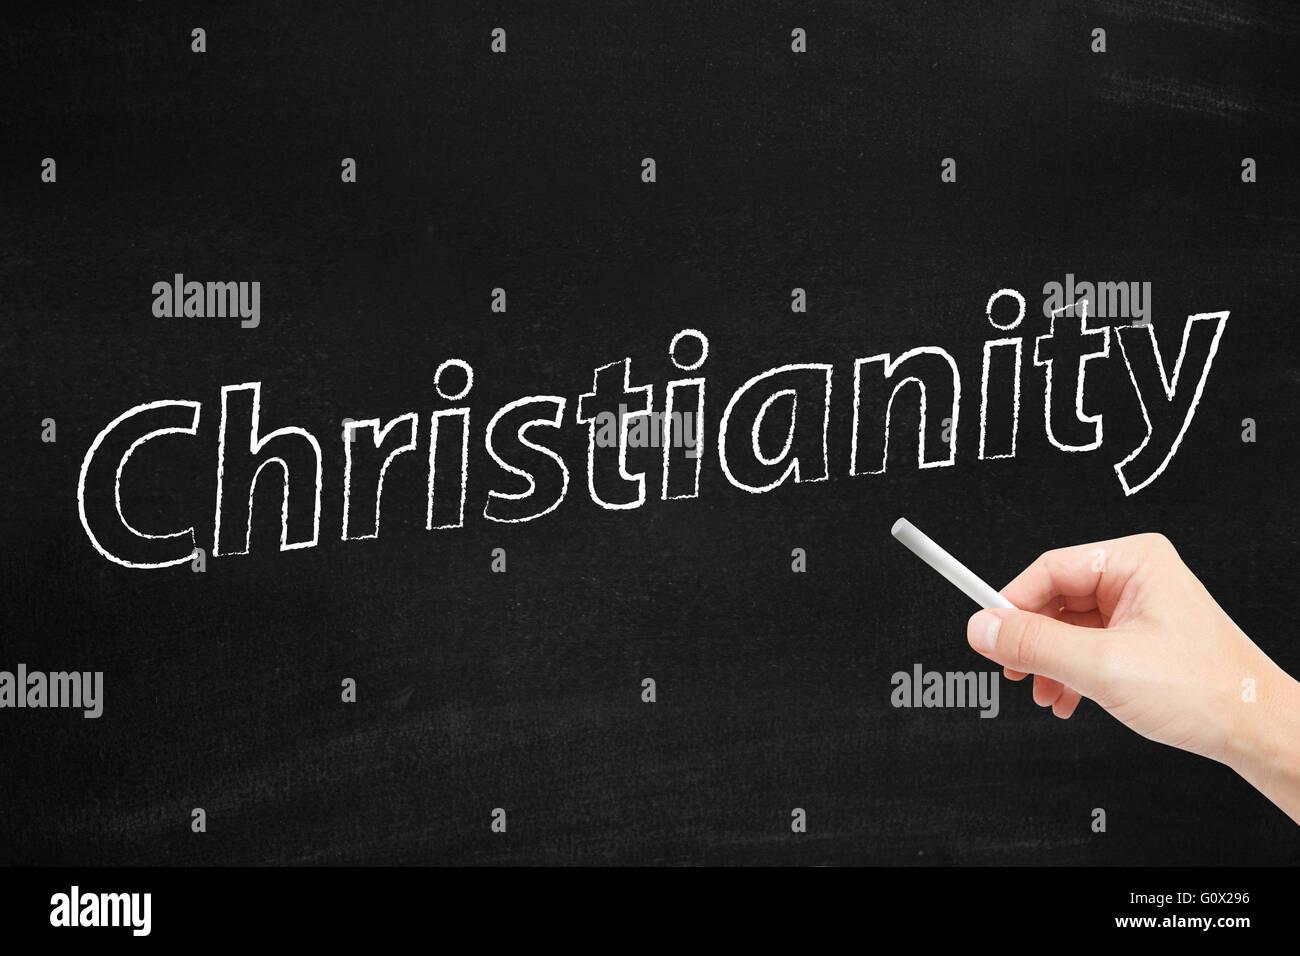 Christianity written on a blackboard - Stock Image